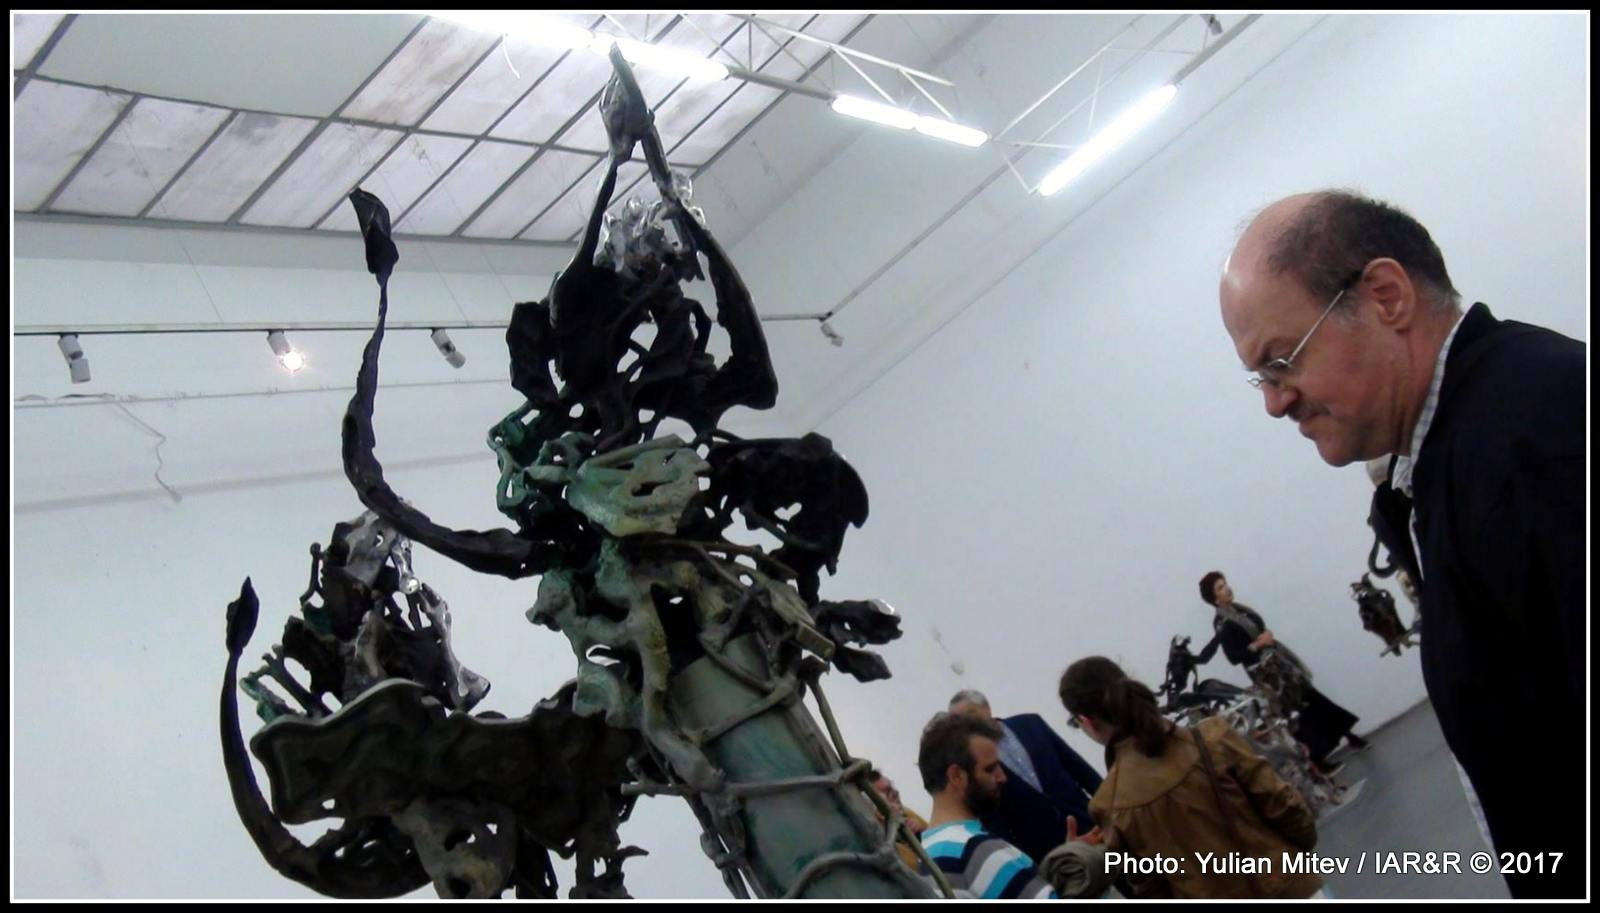 Странните ракурси правят скулптурната група не само интересна, но и интригуваща. Всеки иска да отгатне каква идея се крие зад представените образи